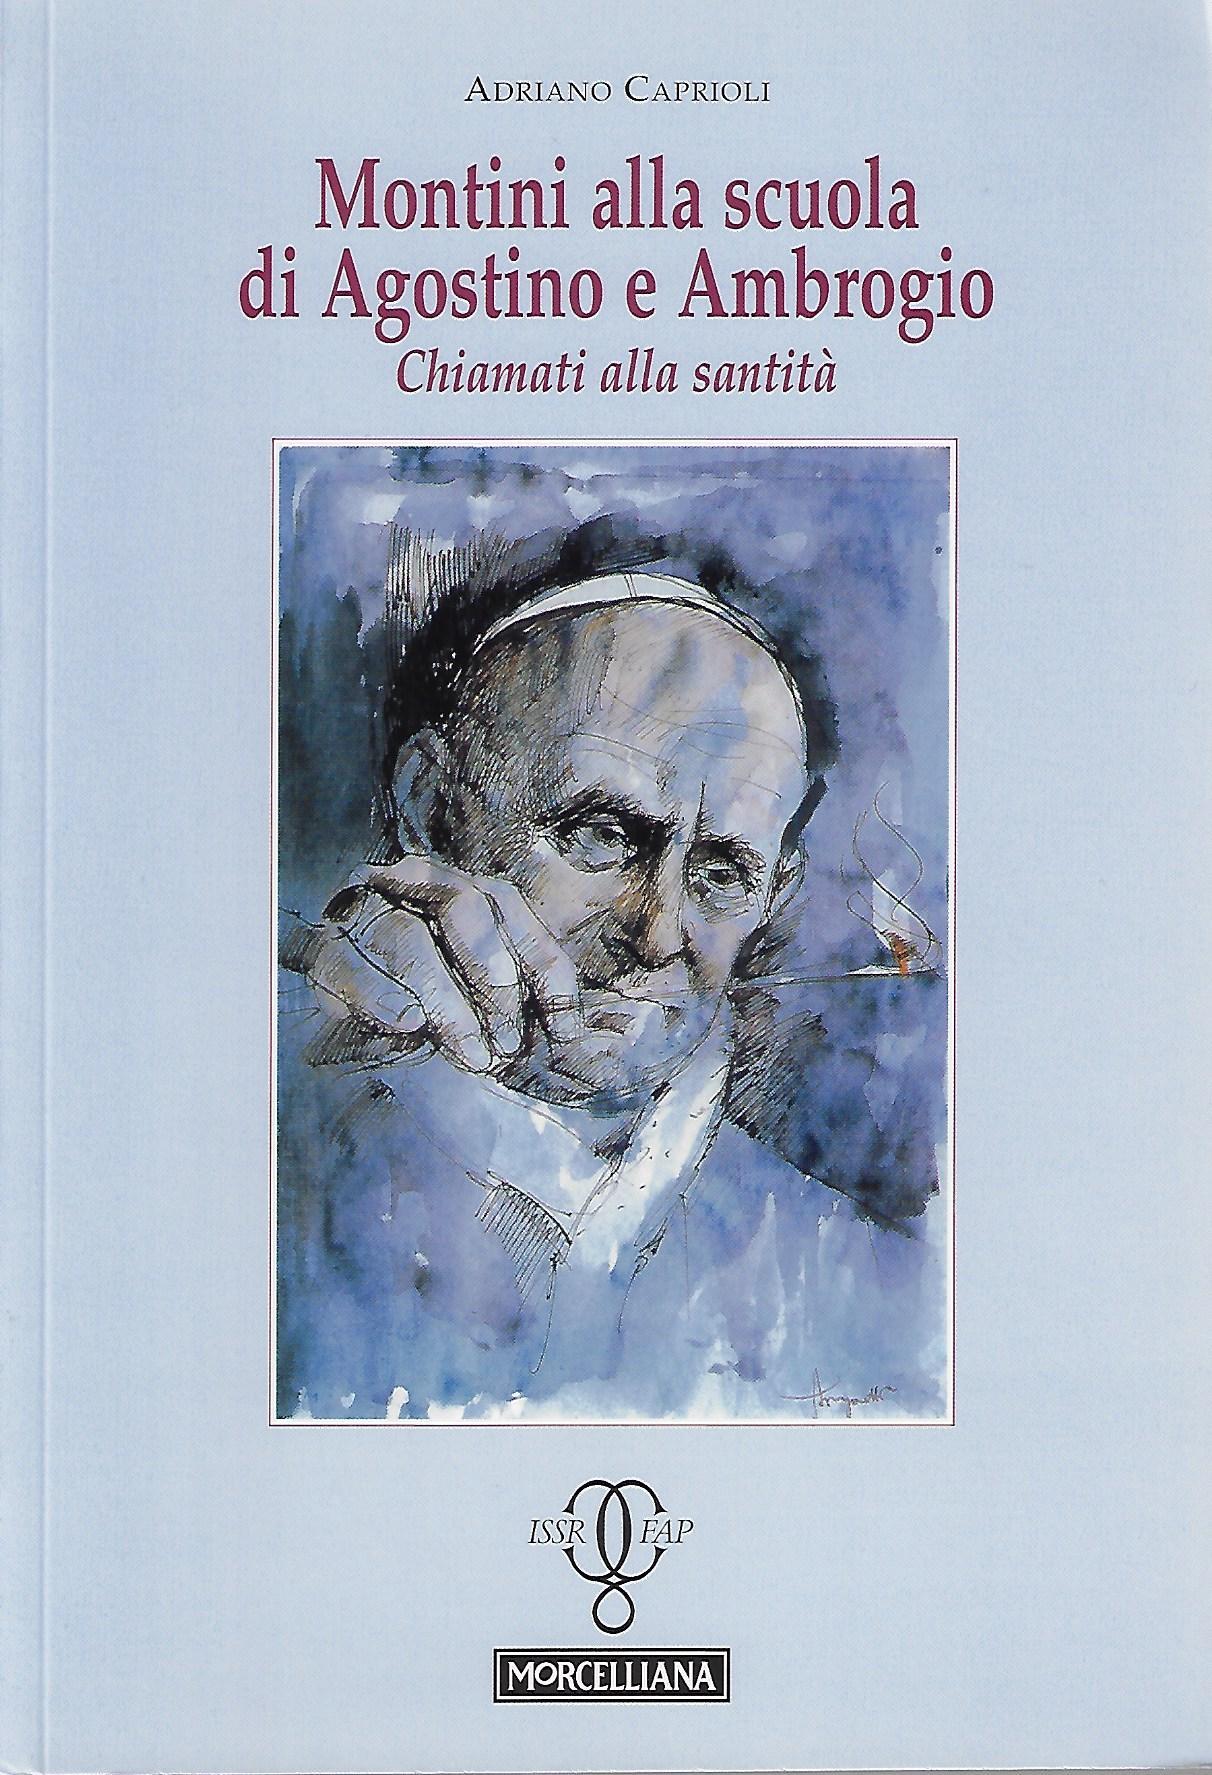 Adriano Caprioli, Montini alla scuola di Agostino e Ambrogio. Chiamati alla santità